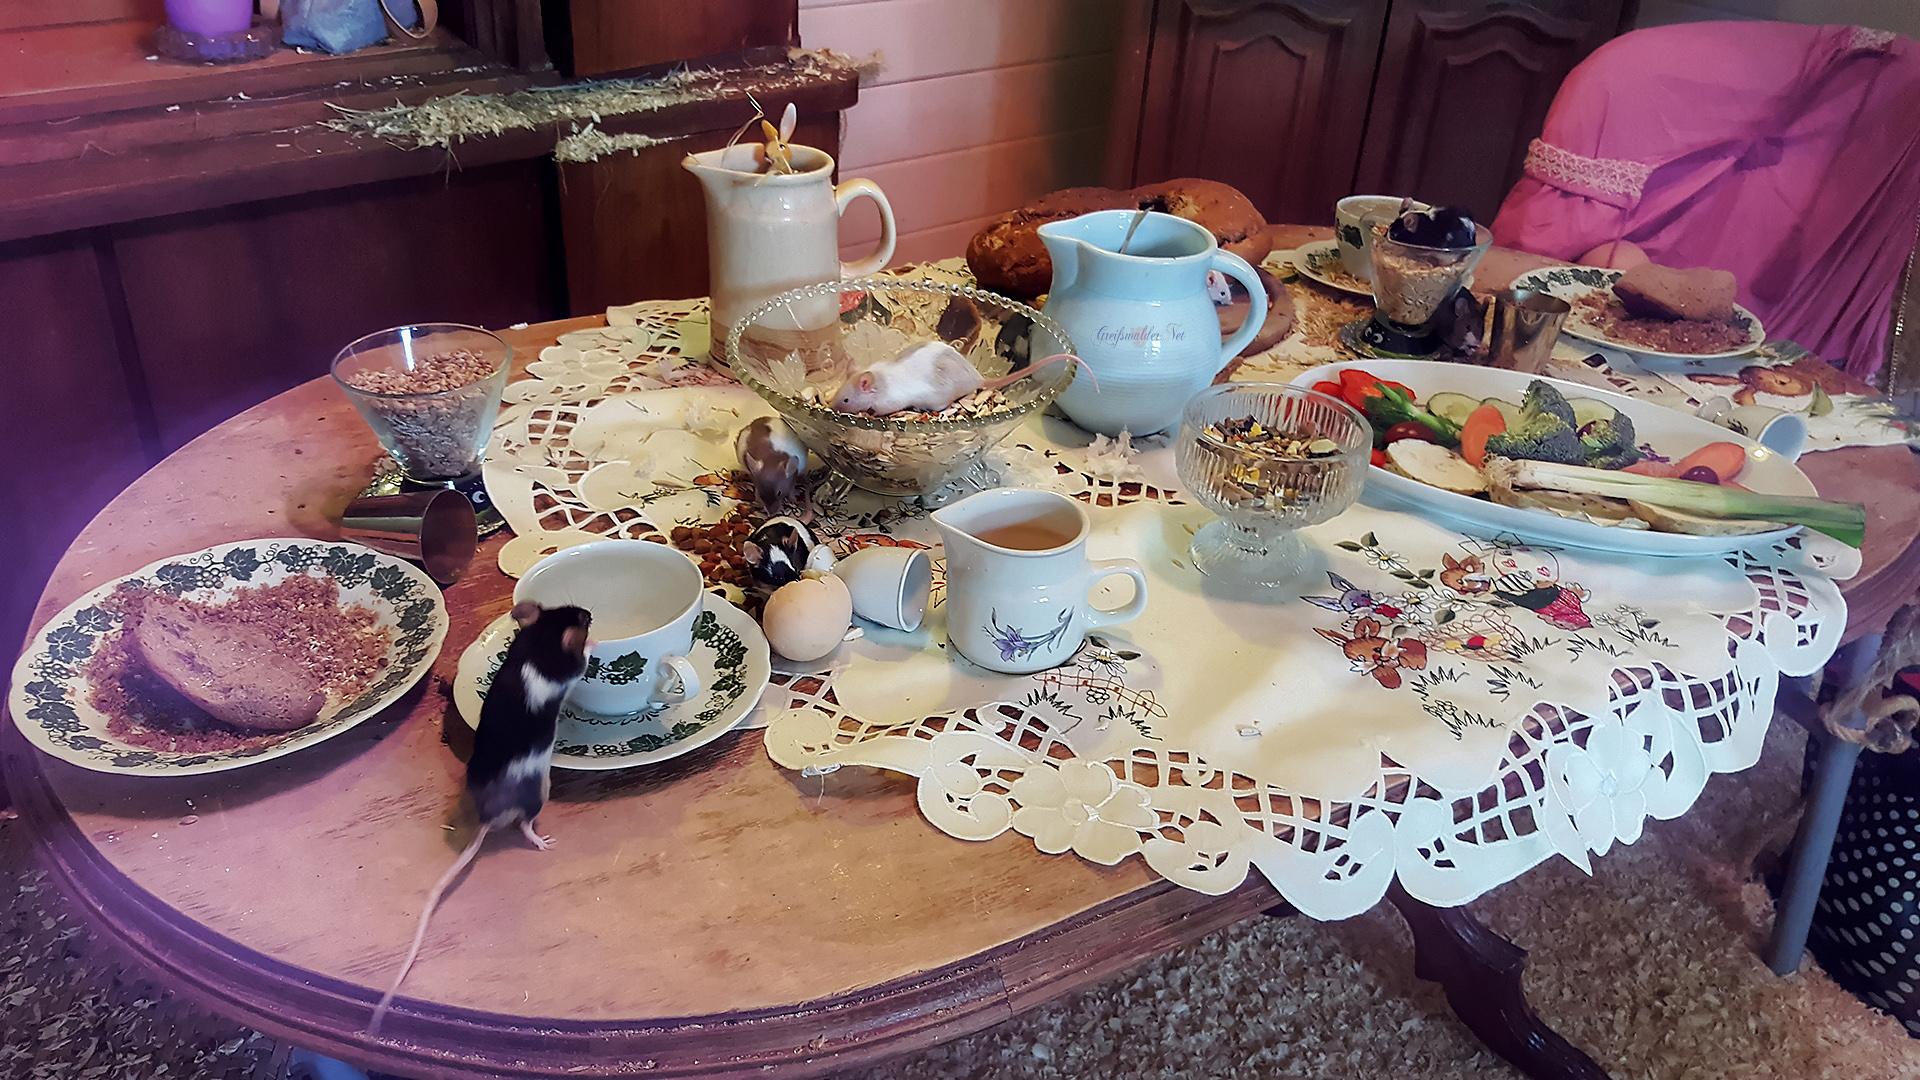 Gäste am Tisch - Gäste auf dem Tisch